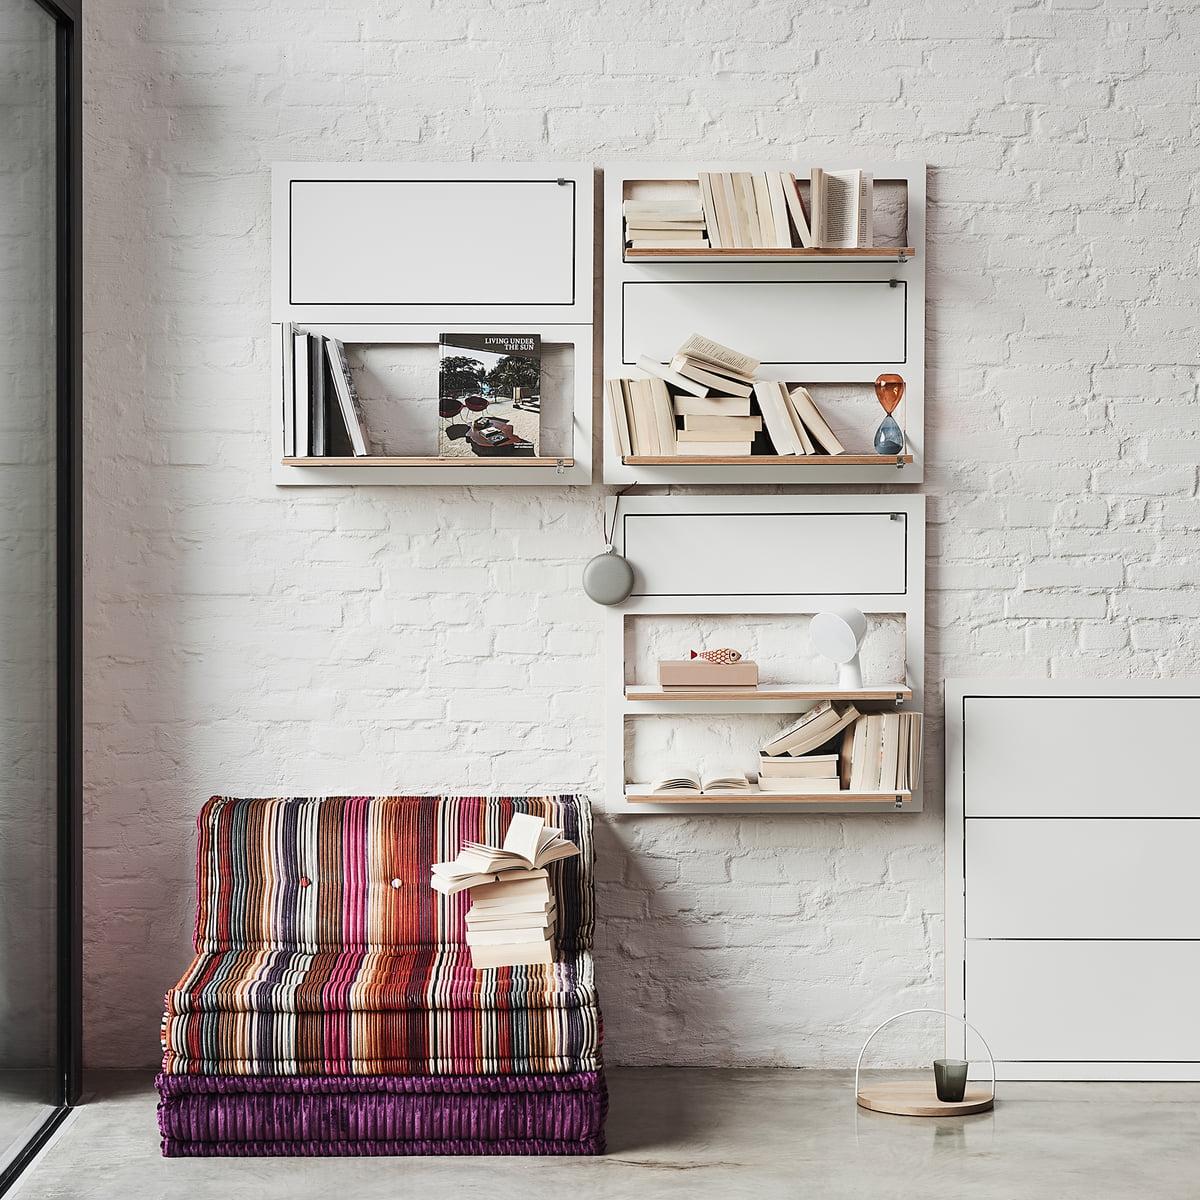 Shelf for Rack Gray 100x40 cm a brace Shelves Shelf